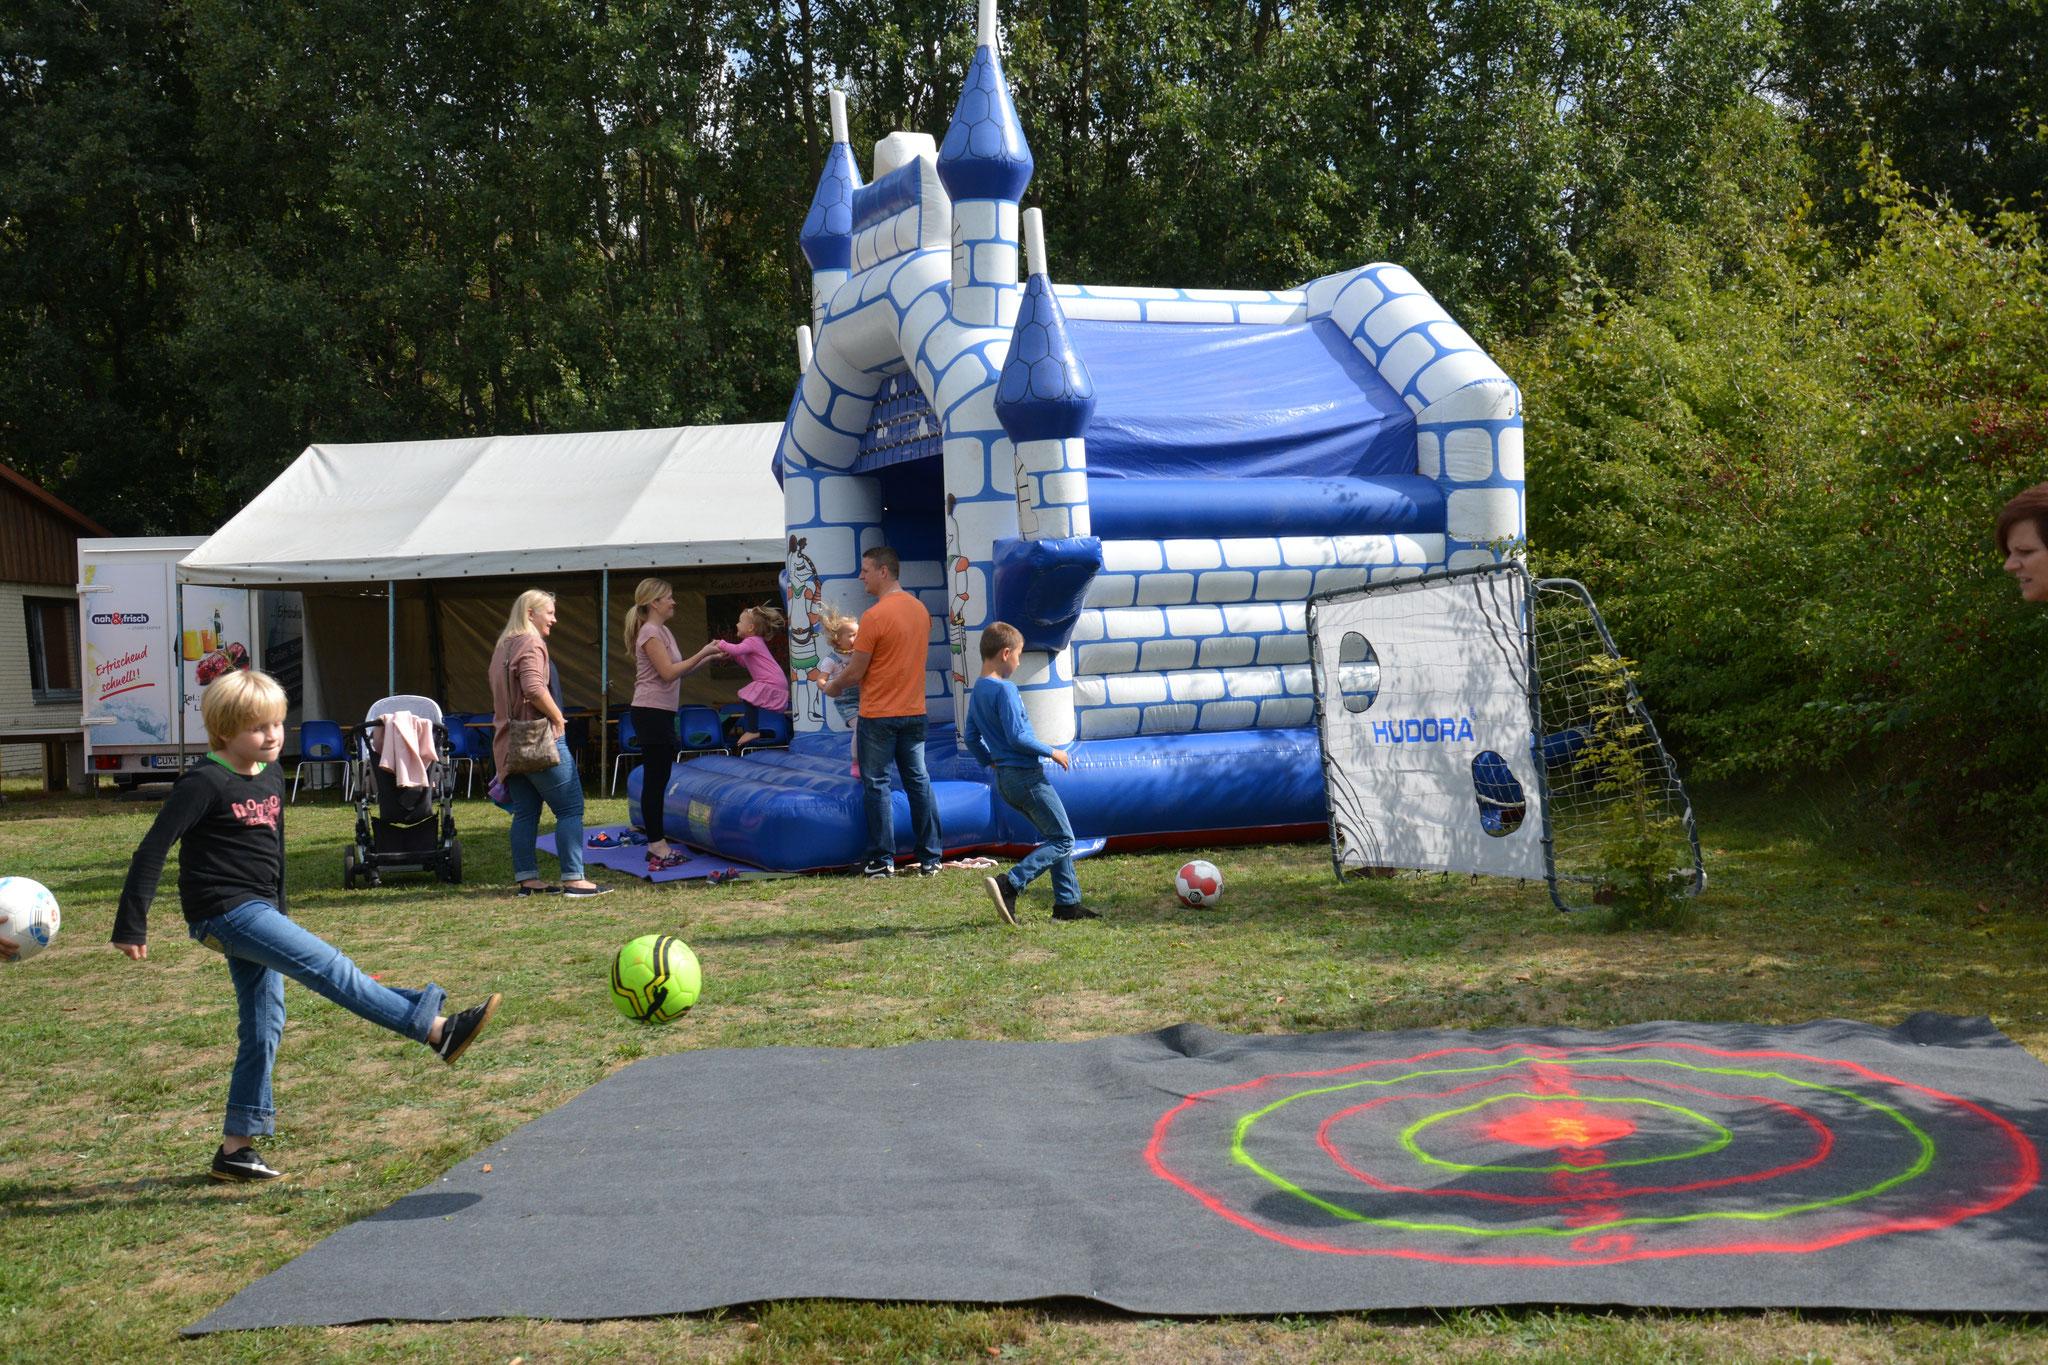 Fußball-Aktionen für Kinder - Punktlandung!